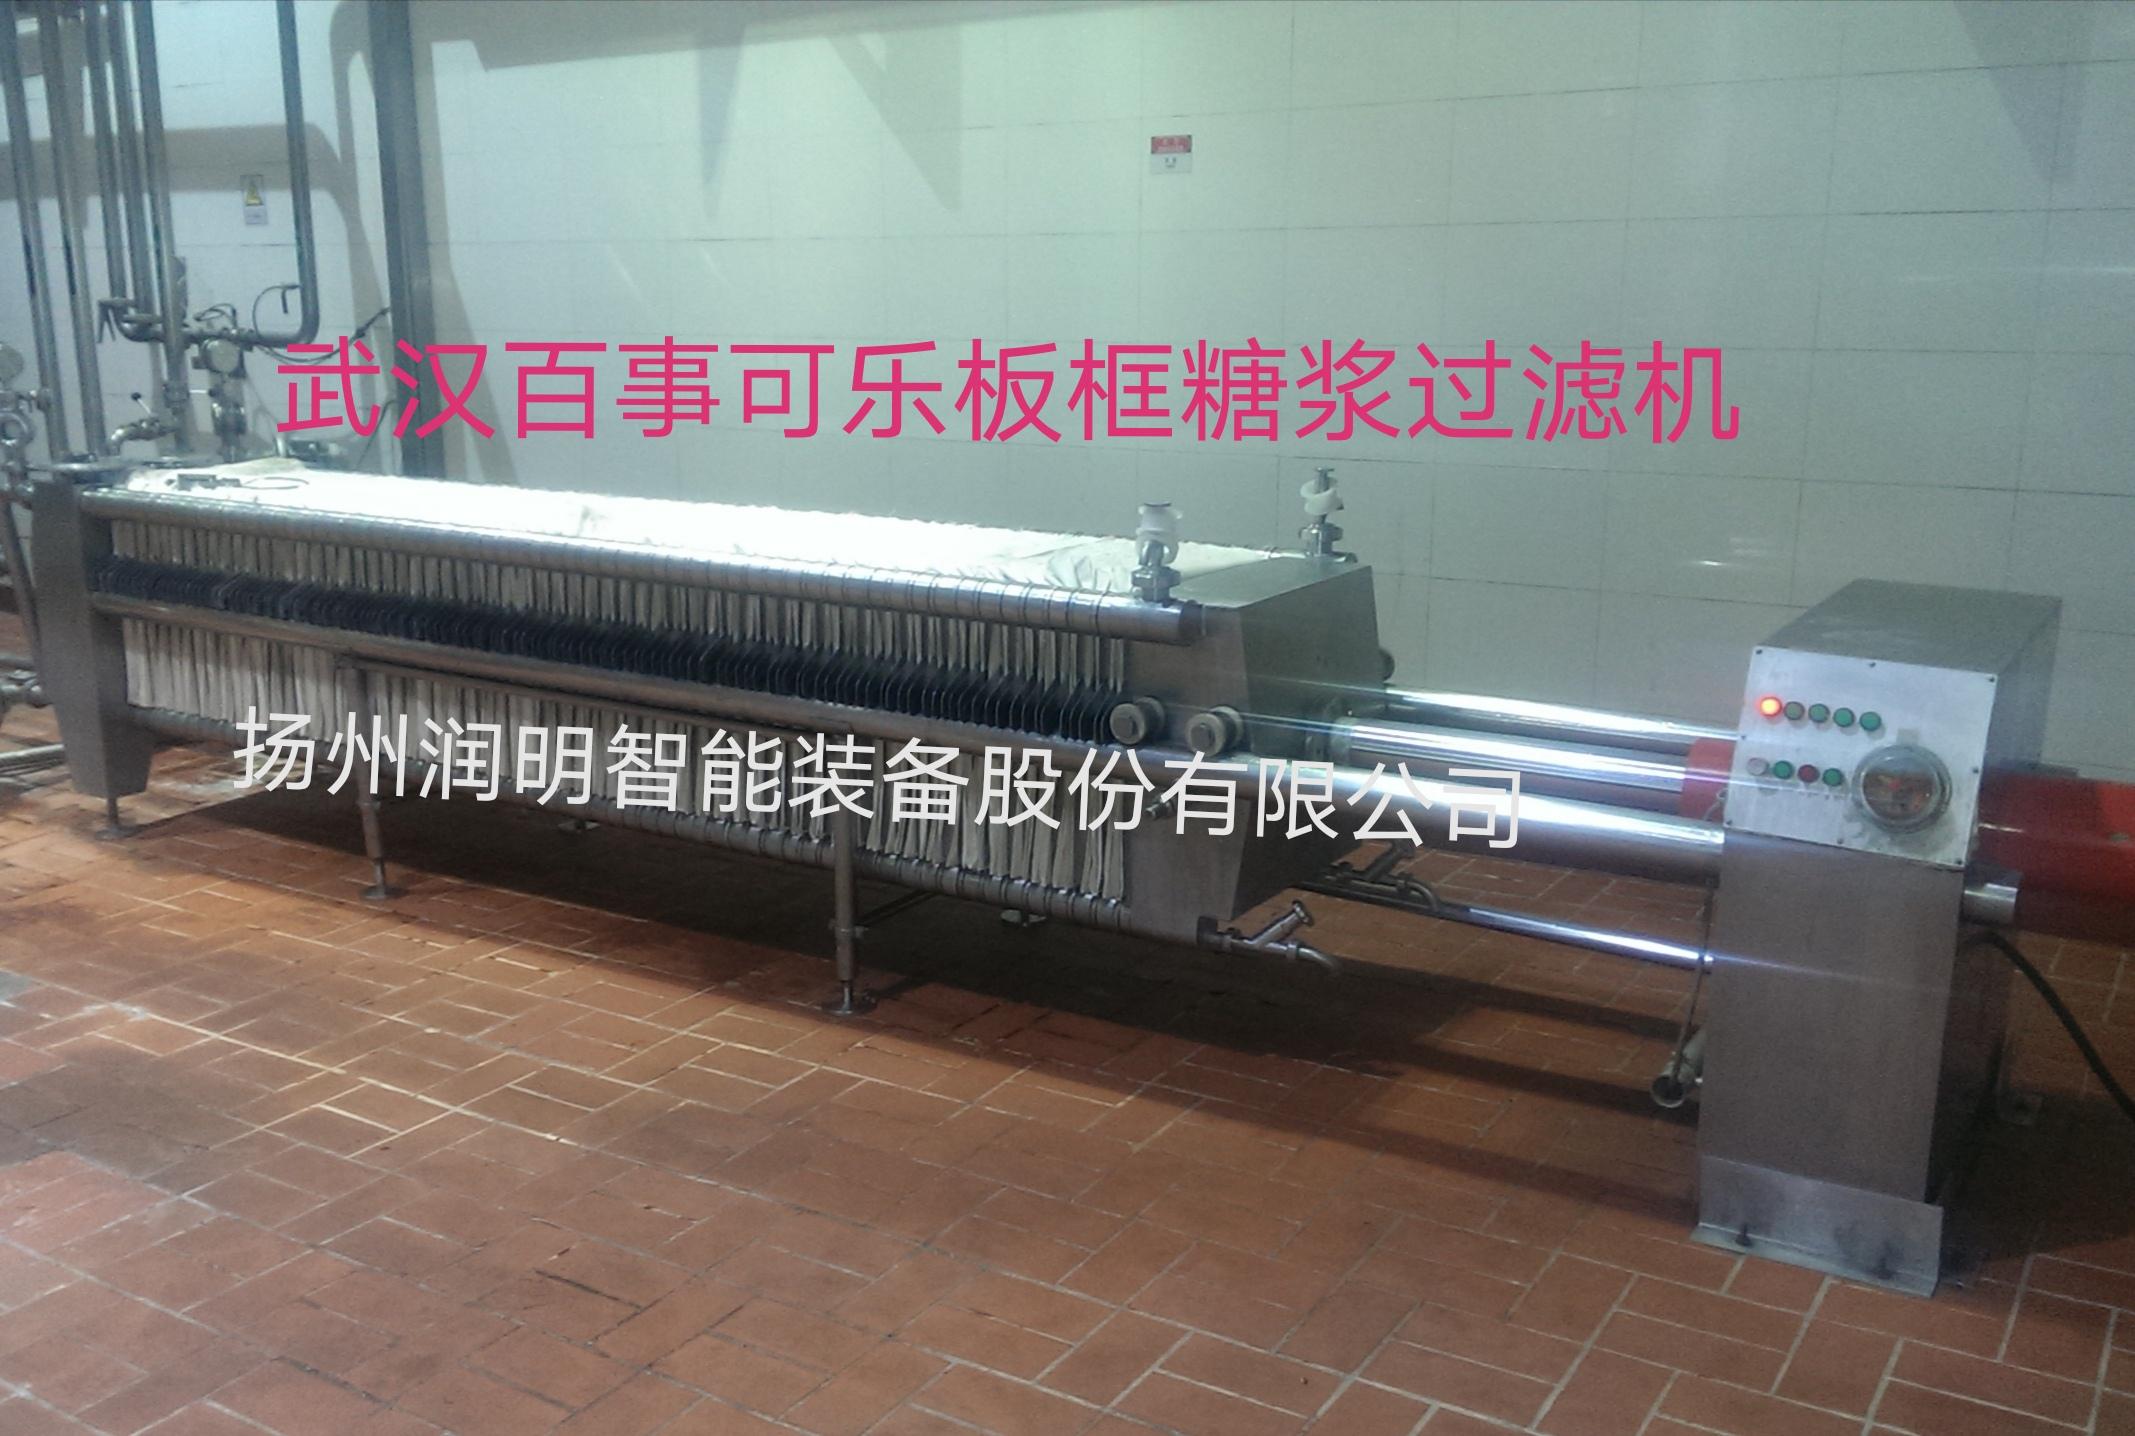 糖浆过滤机在武汉百事可乐的应用